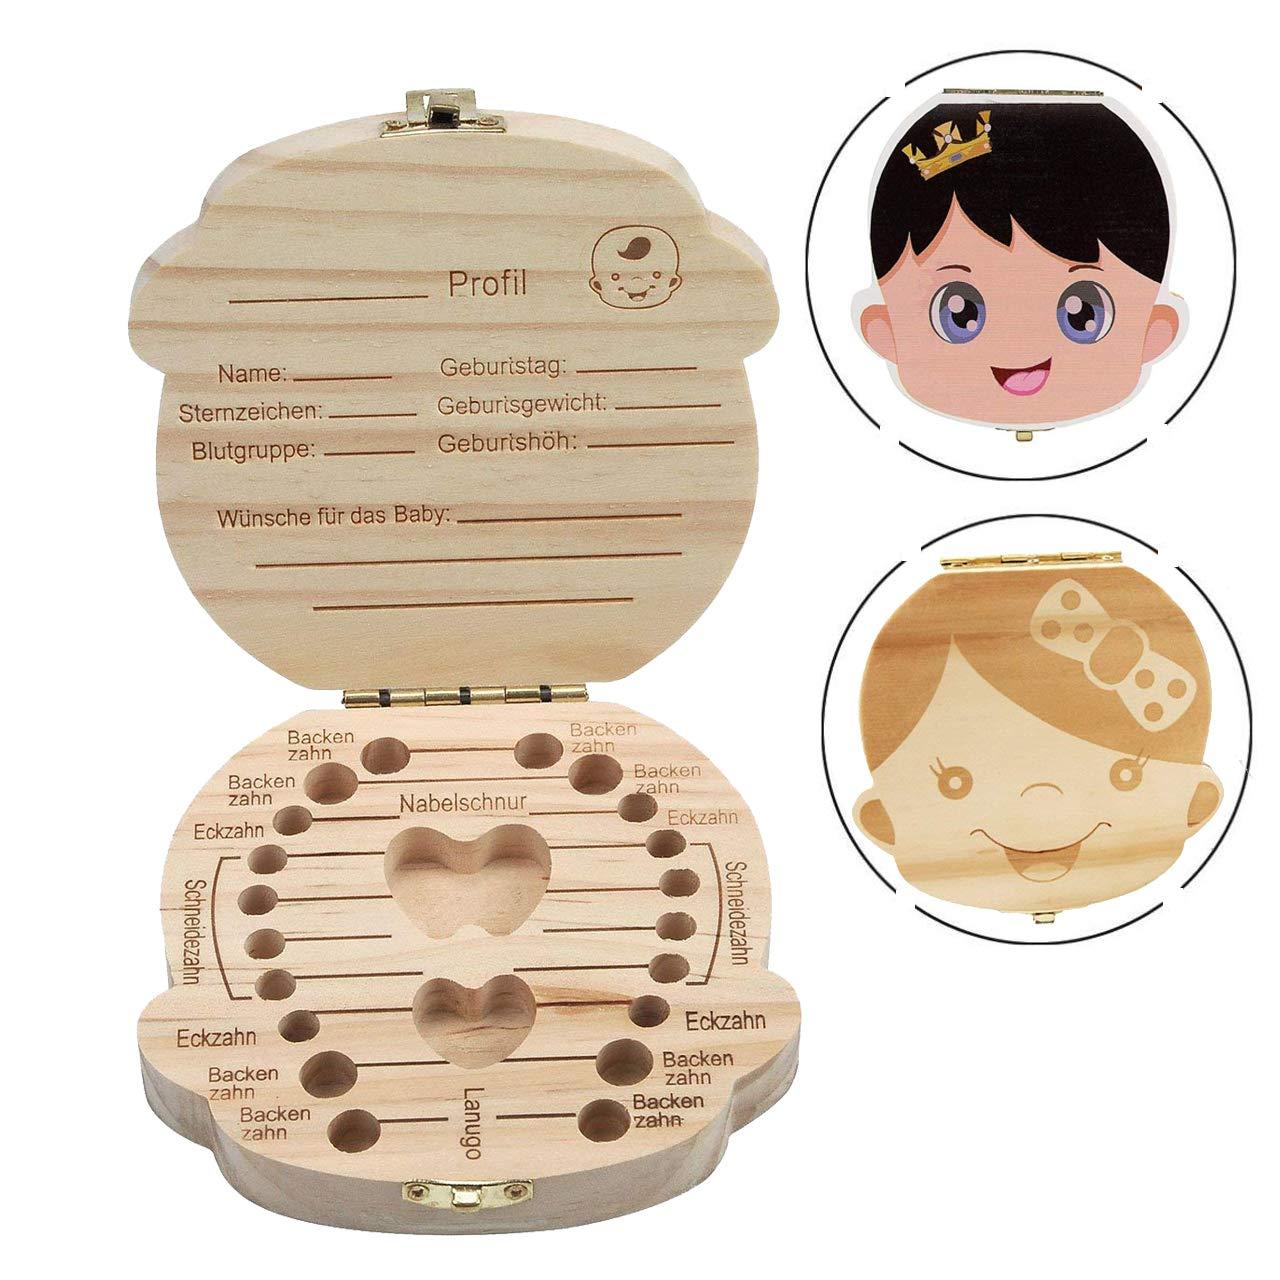 Organisateur de boîte à dents - INTVN 2 Pièces Dent Boîtes en Bois Les dents de lait de bébé sauvent Coffret de rangement en bois pour Enfants garçon et Fille Version anglaise Cadeau de Naissance